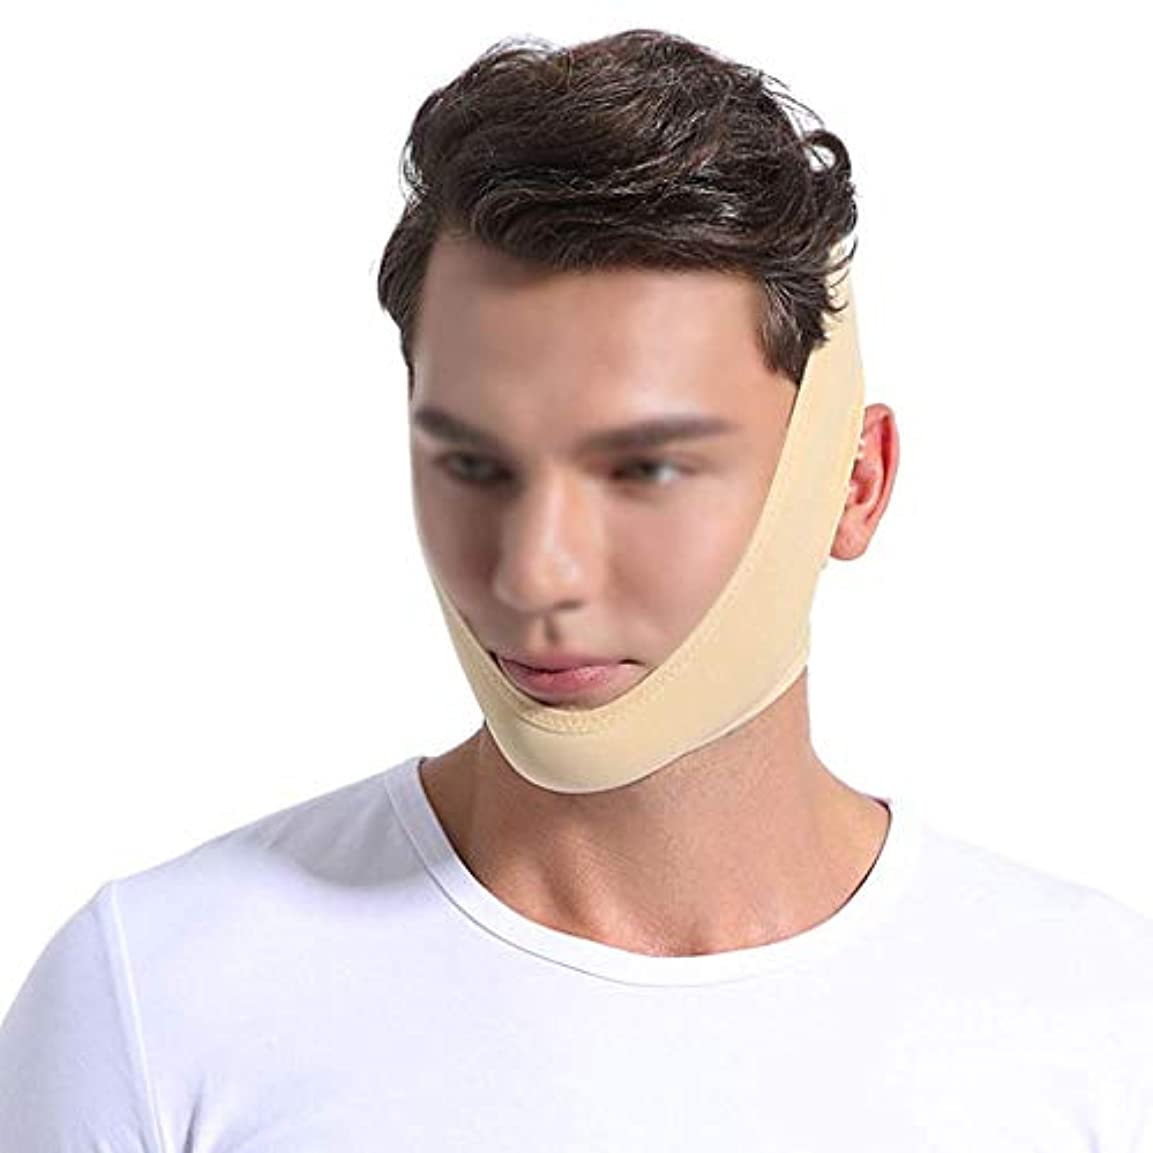 彼らの戦略キャラクターは医療用ワイヤーカービングの後で持ち上がるマスクを再開します、人および女性の顔の伸縮性がある包帯のヘッドギア結ばれた小さいVの表面薄い表面マスク